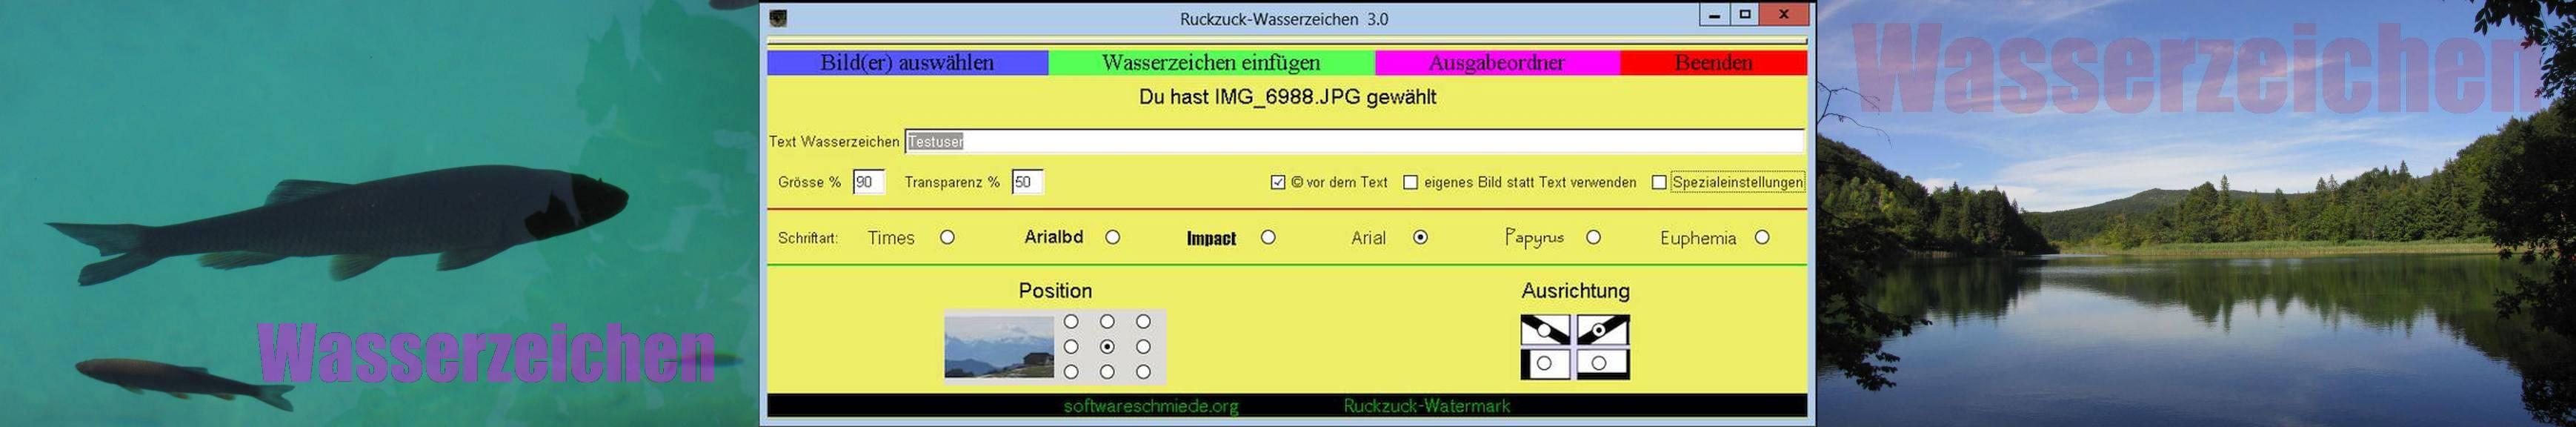 softwareschmiede.org